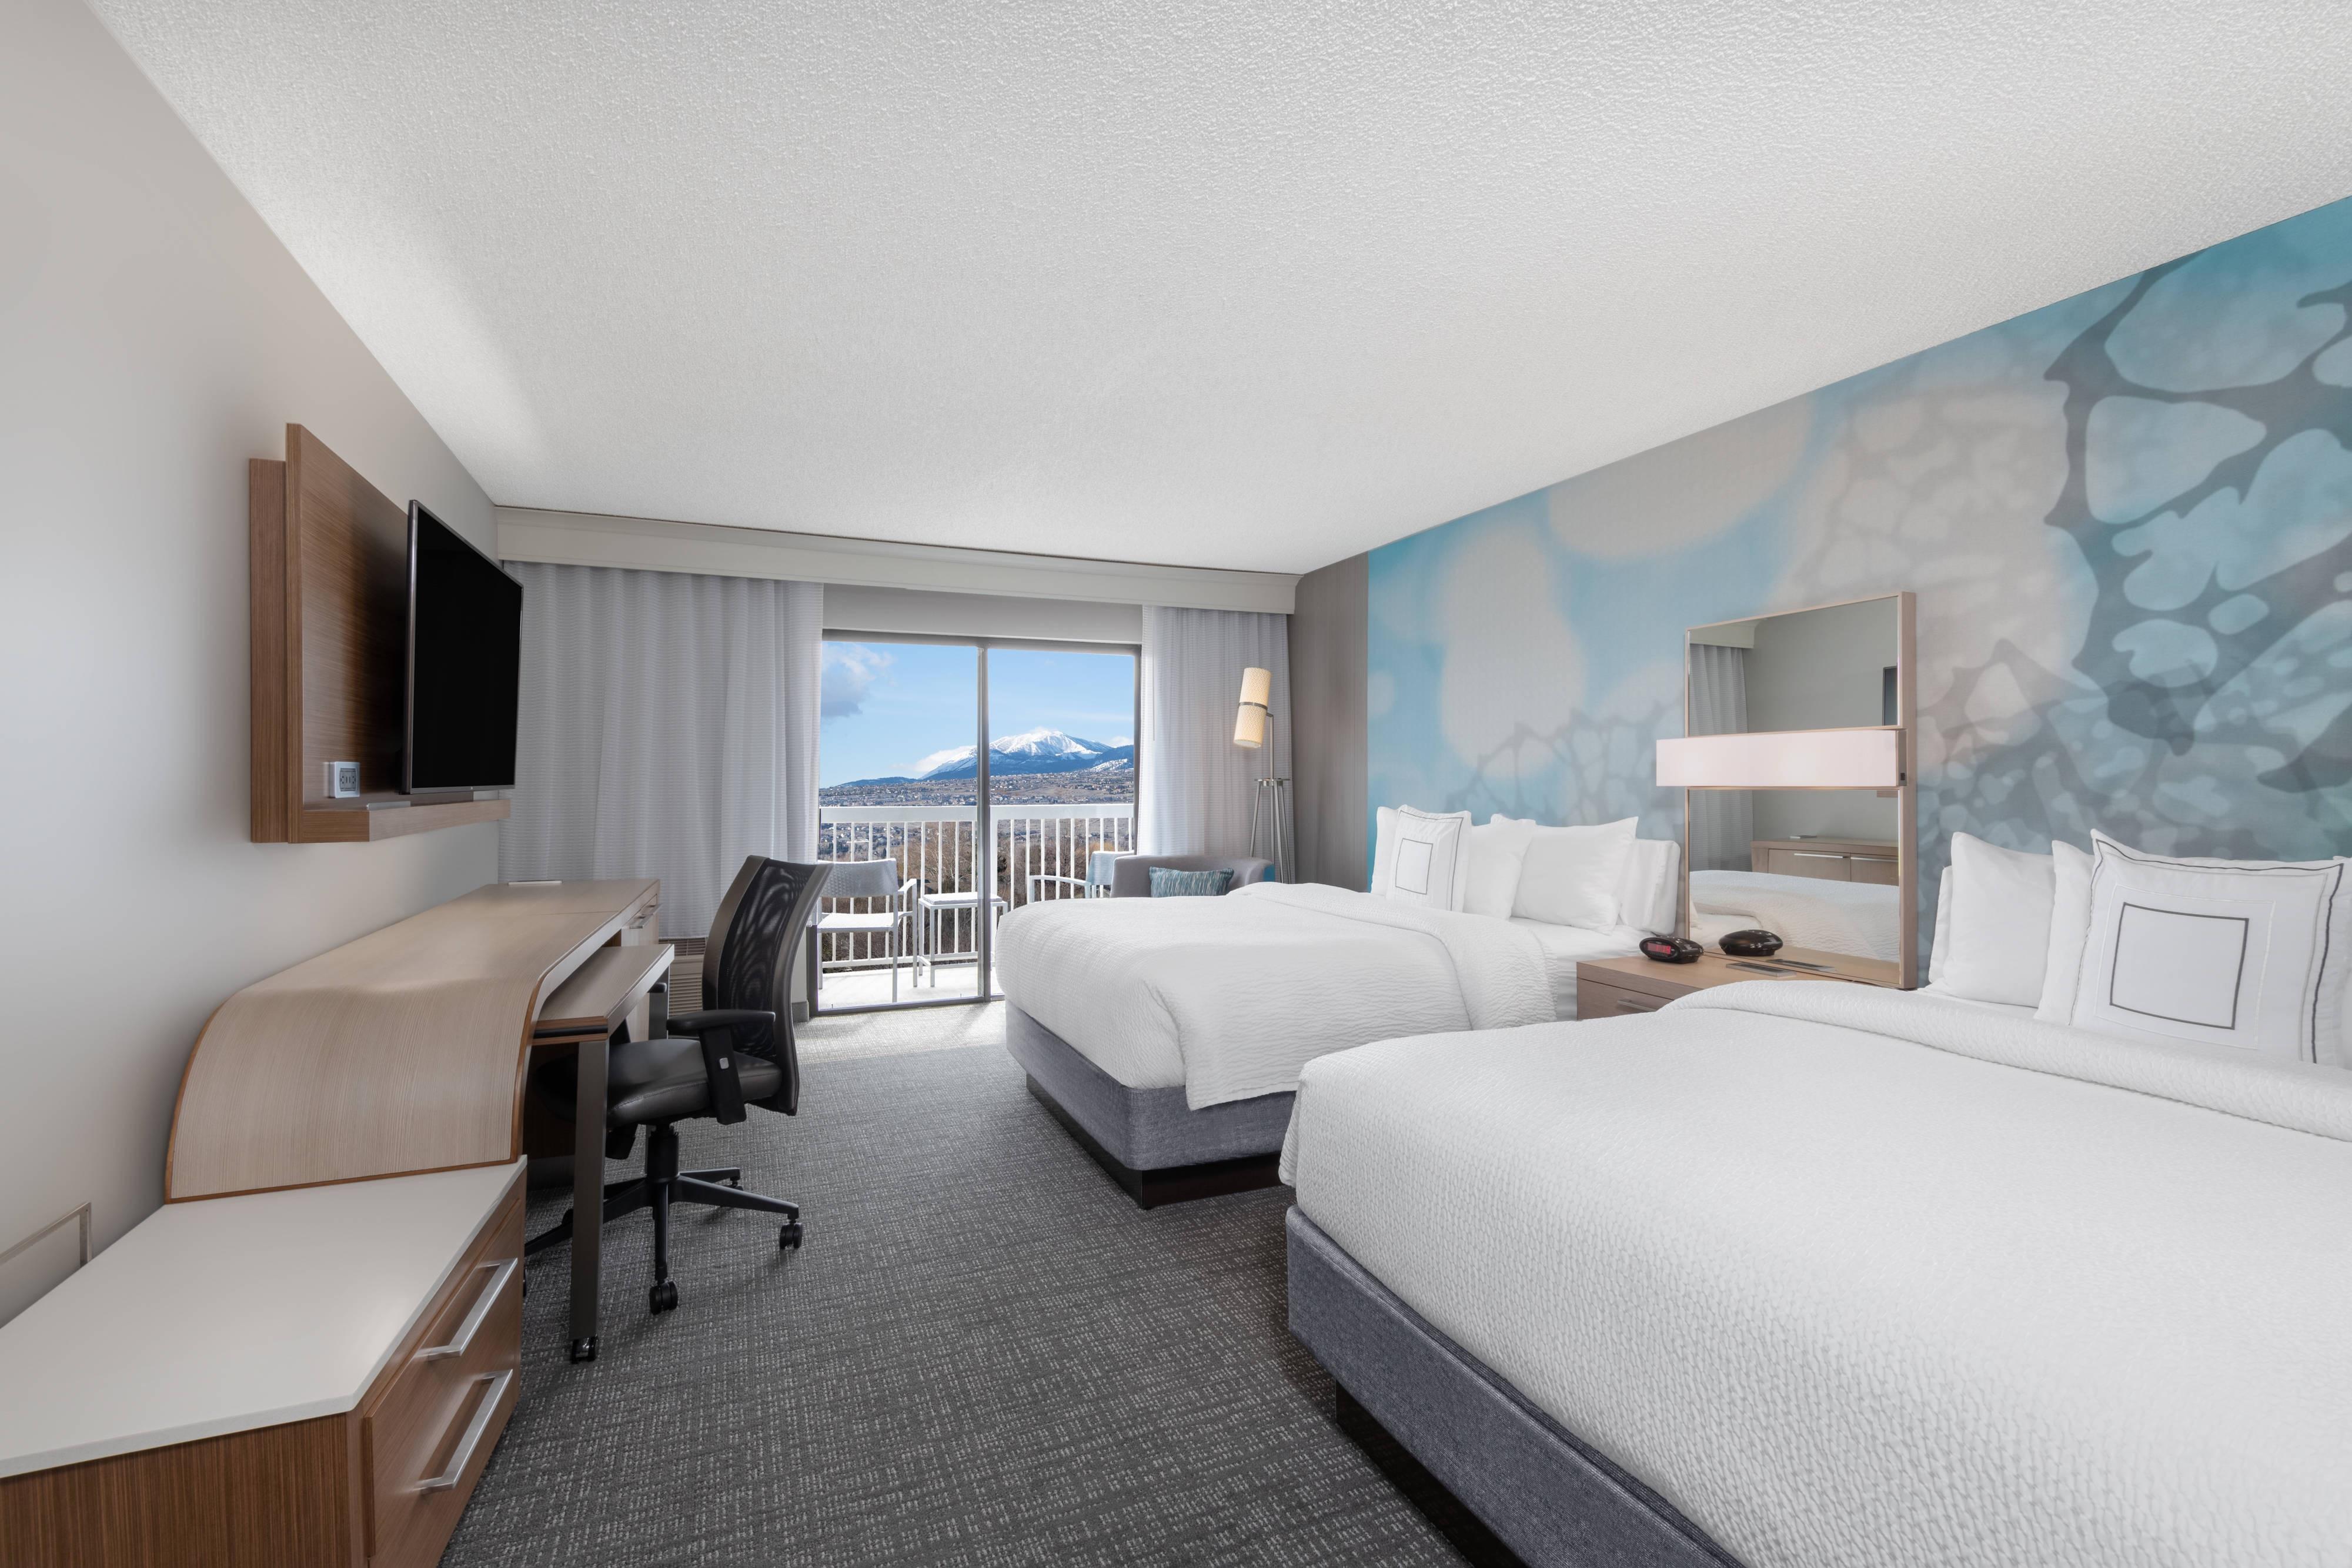 Chambre avec deux lits queen size et balcon